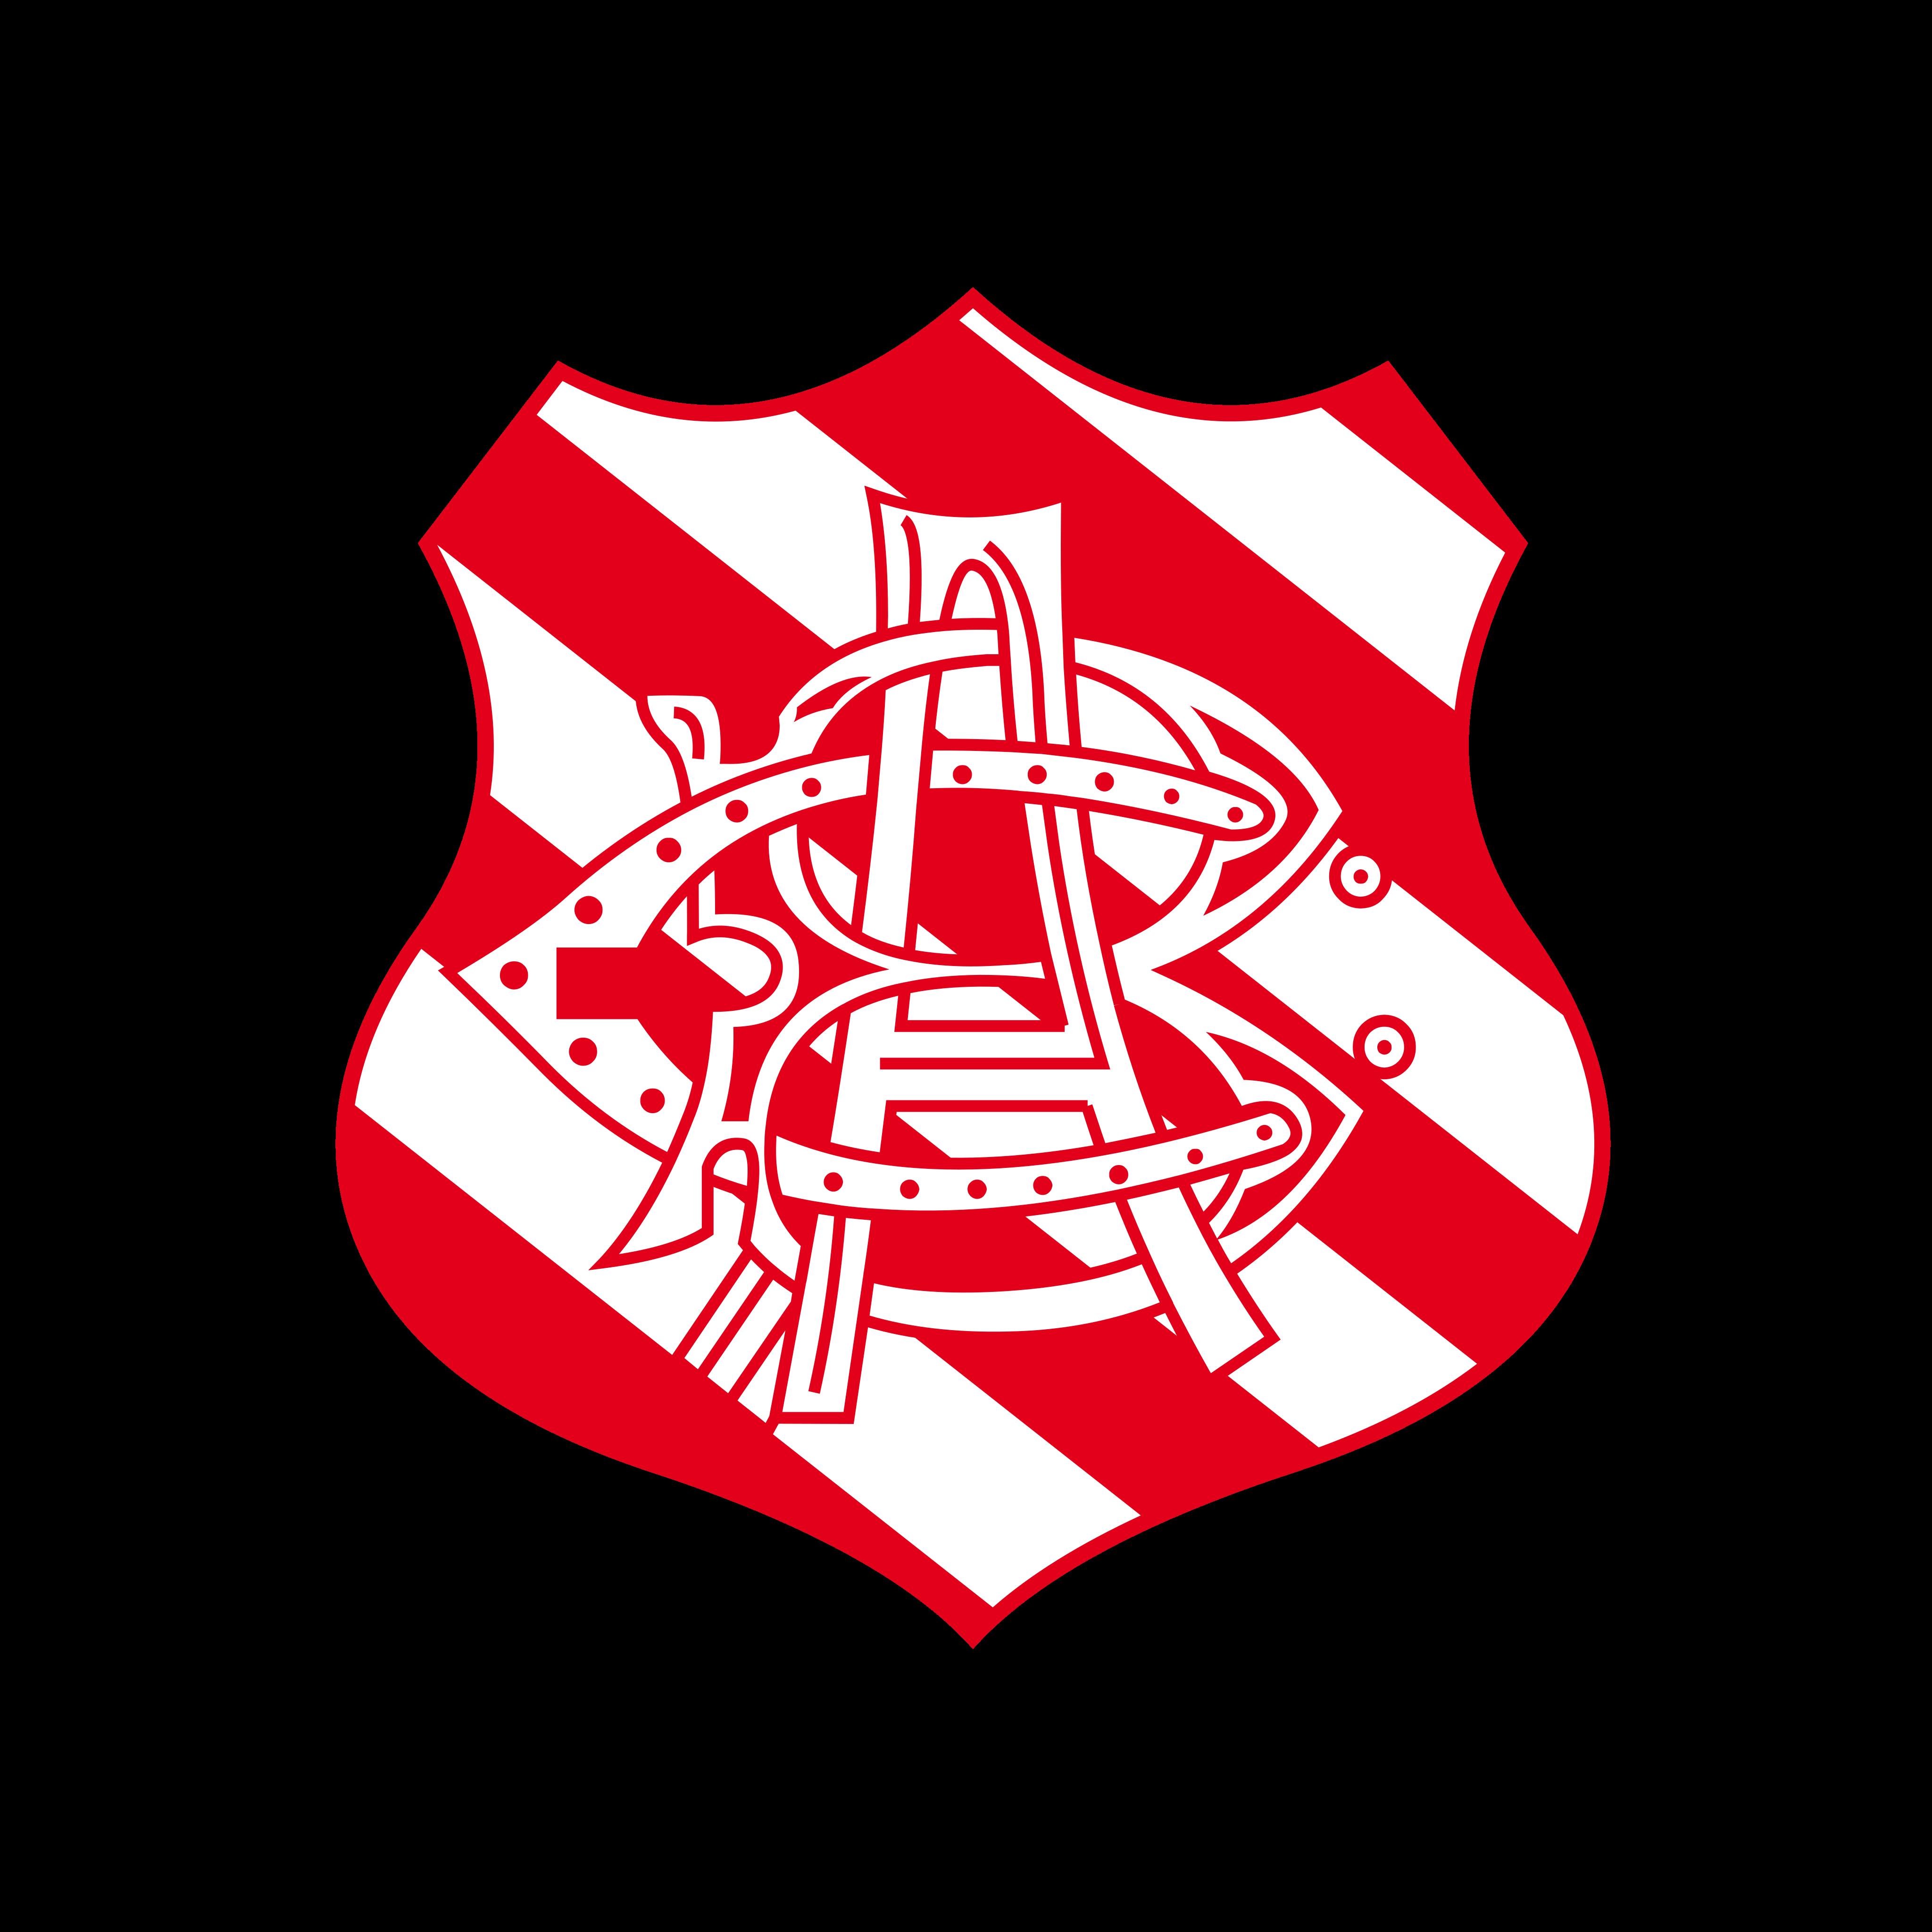 bangu-logo-escudo-0